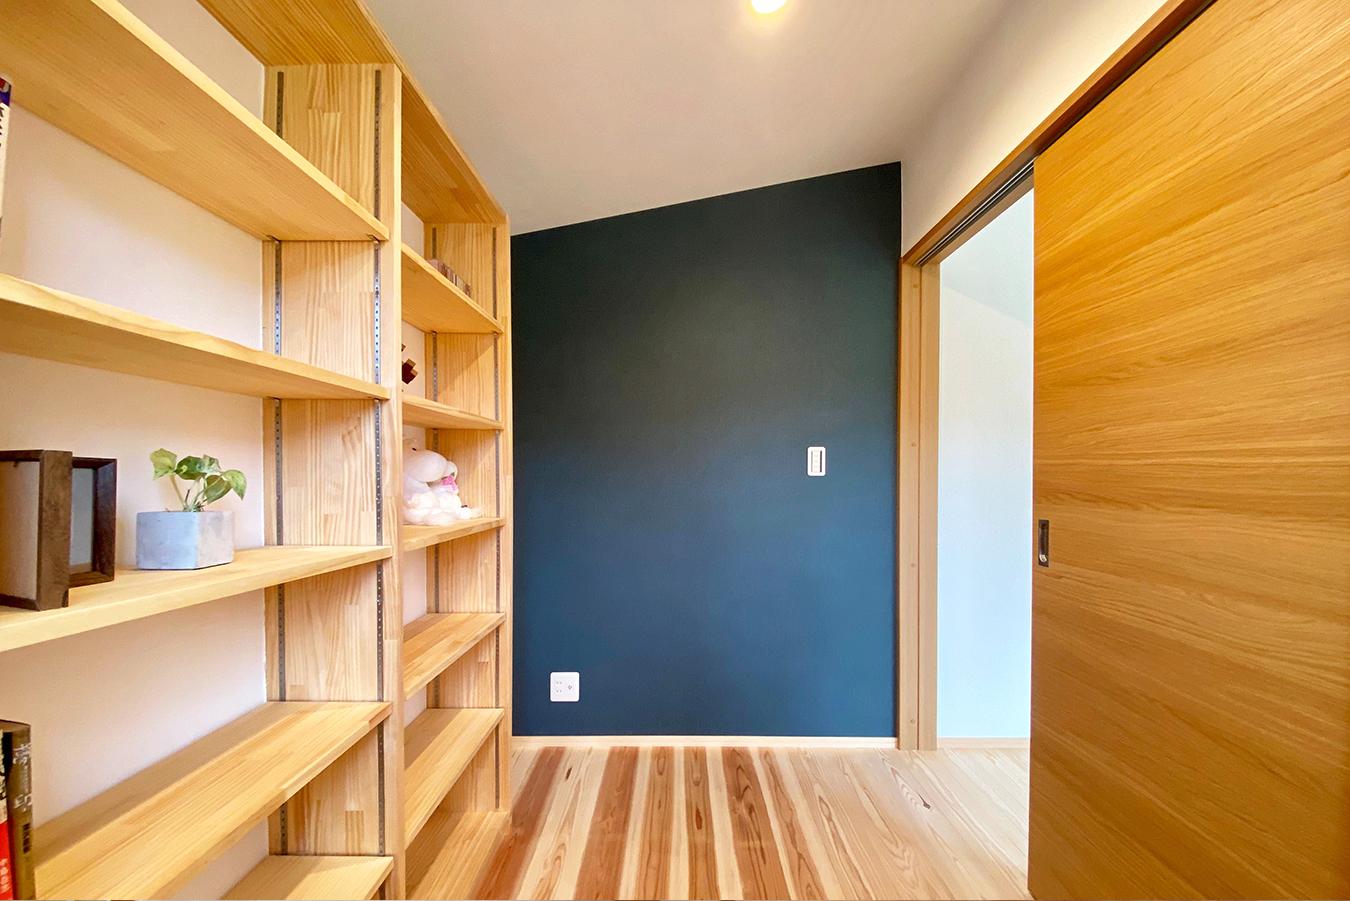 自分時間を楽しむ書斎 一面だけ濃色の壁が個性的